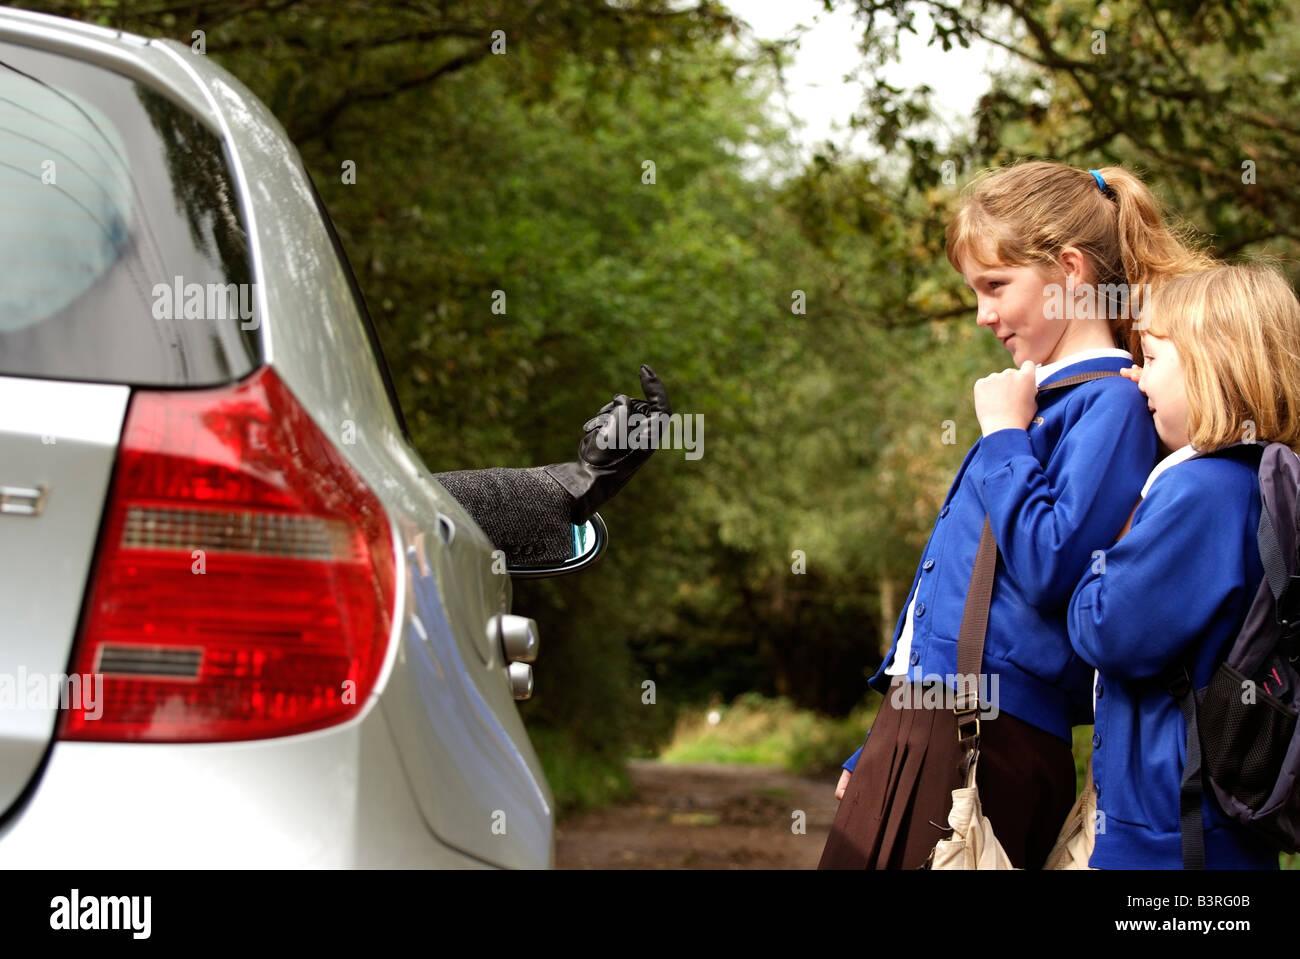 Motorista llevaba un guante de cuero negro atrae a las muchachas solas en un carril del país viajan a casa de la escuela Foto de stock